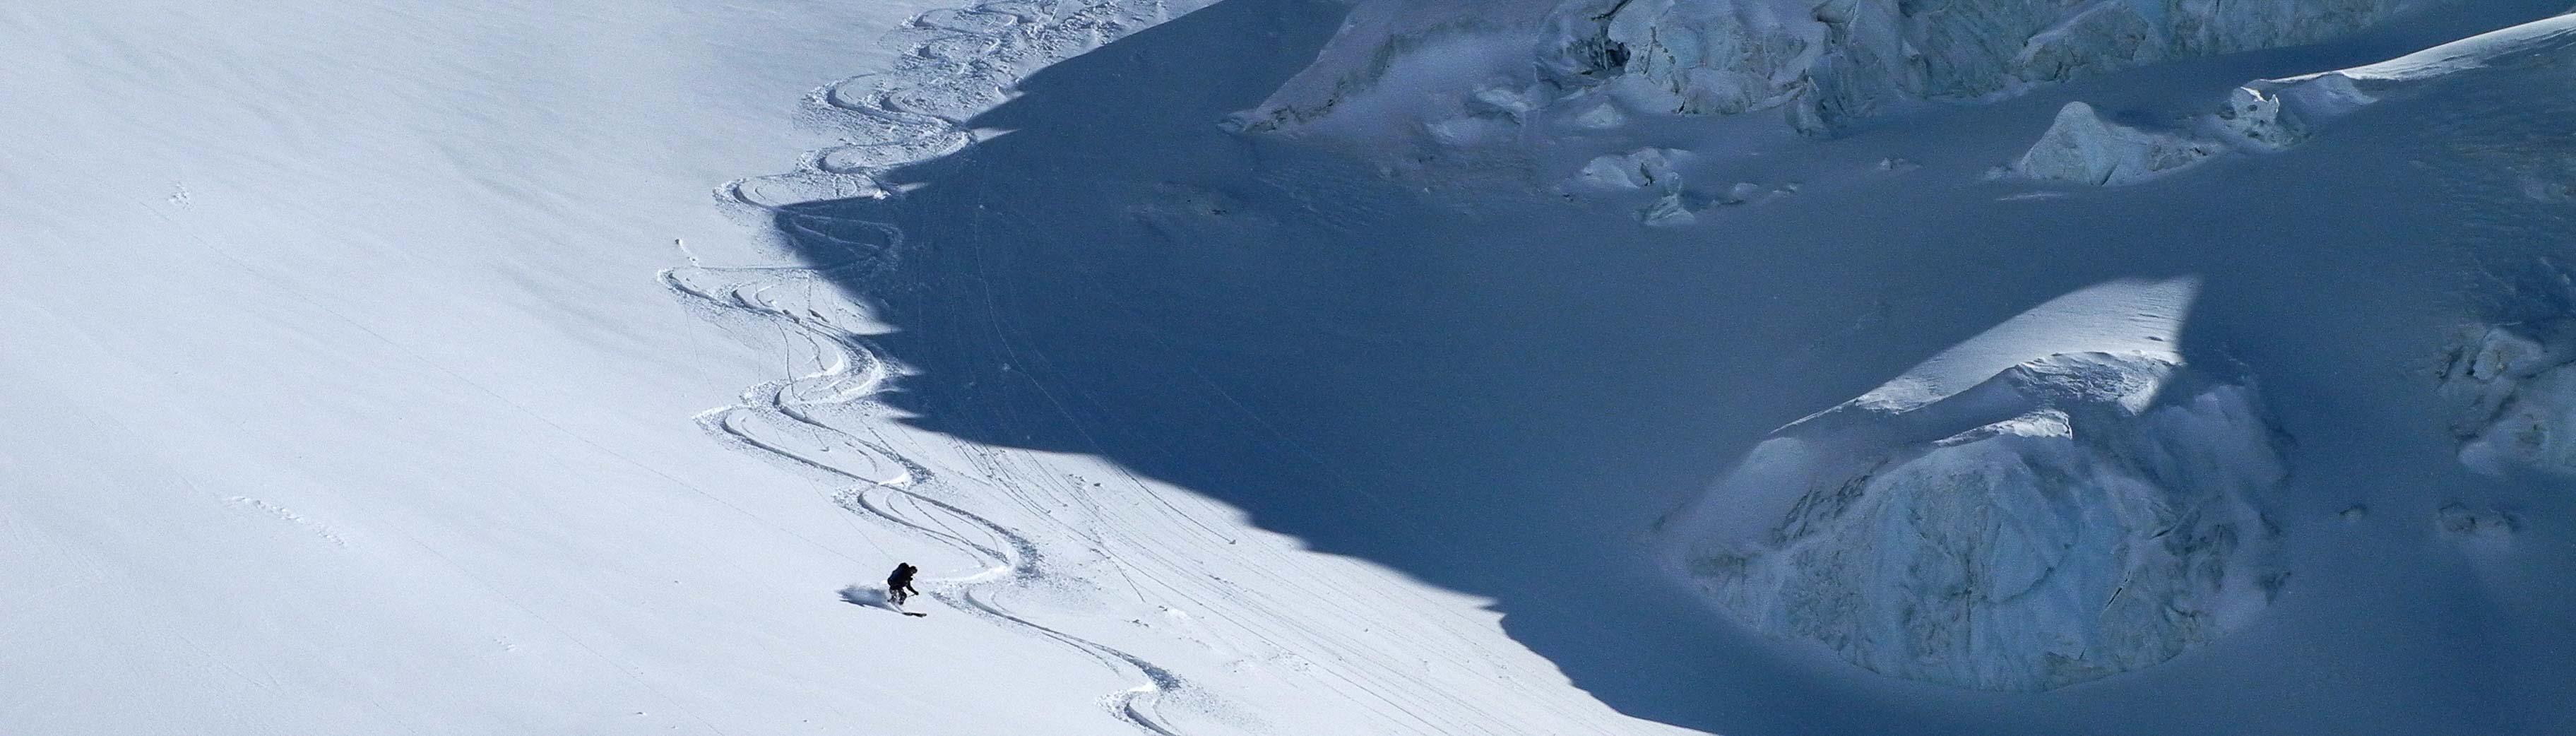 Ortler Skitouren mit Bergführer